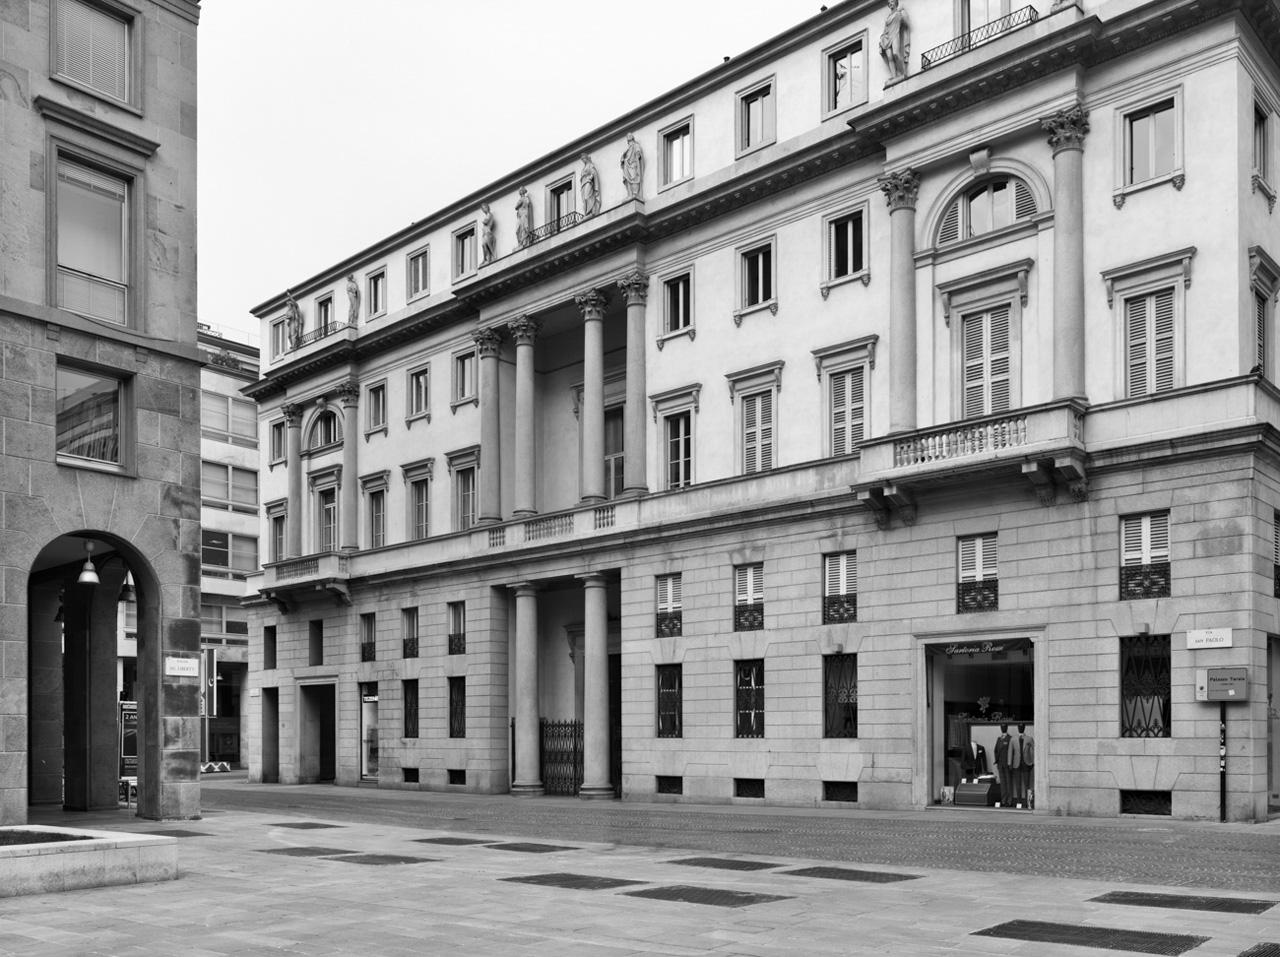 Palazzo Tarsis in Via S. Paolo ang. Corsia de' Servi - oggi Corso Vittorio Emanuele (foto gentilmente concessa da Marco Introini)